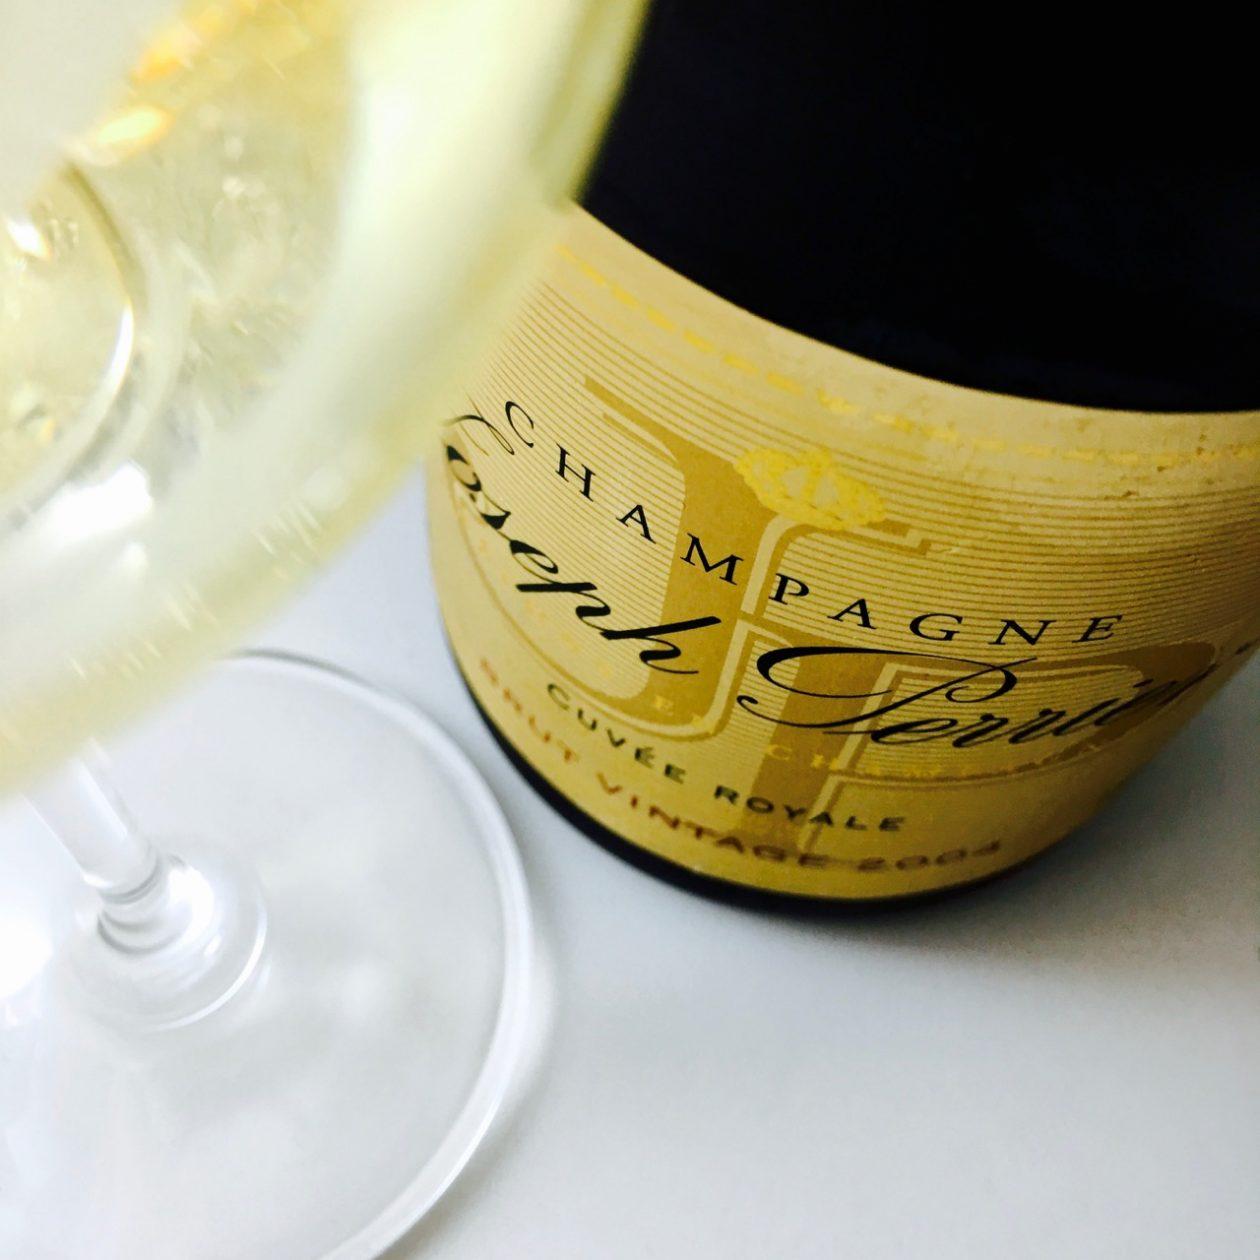 2004 Joseph Perrier Cuvée Royale Brut Champagne